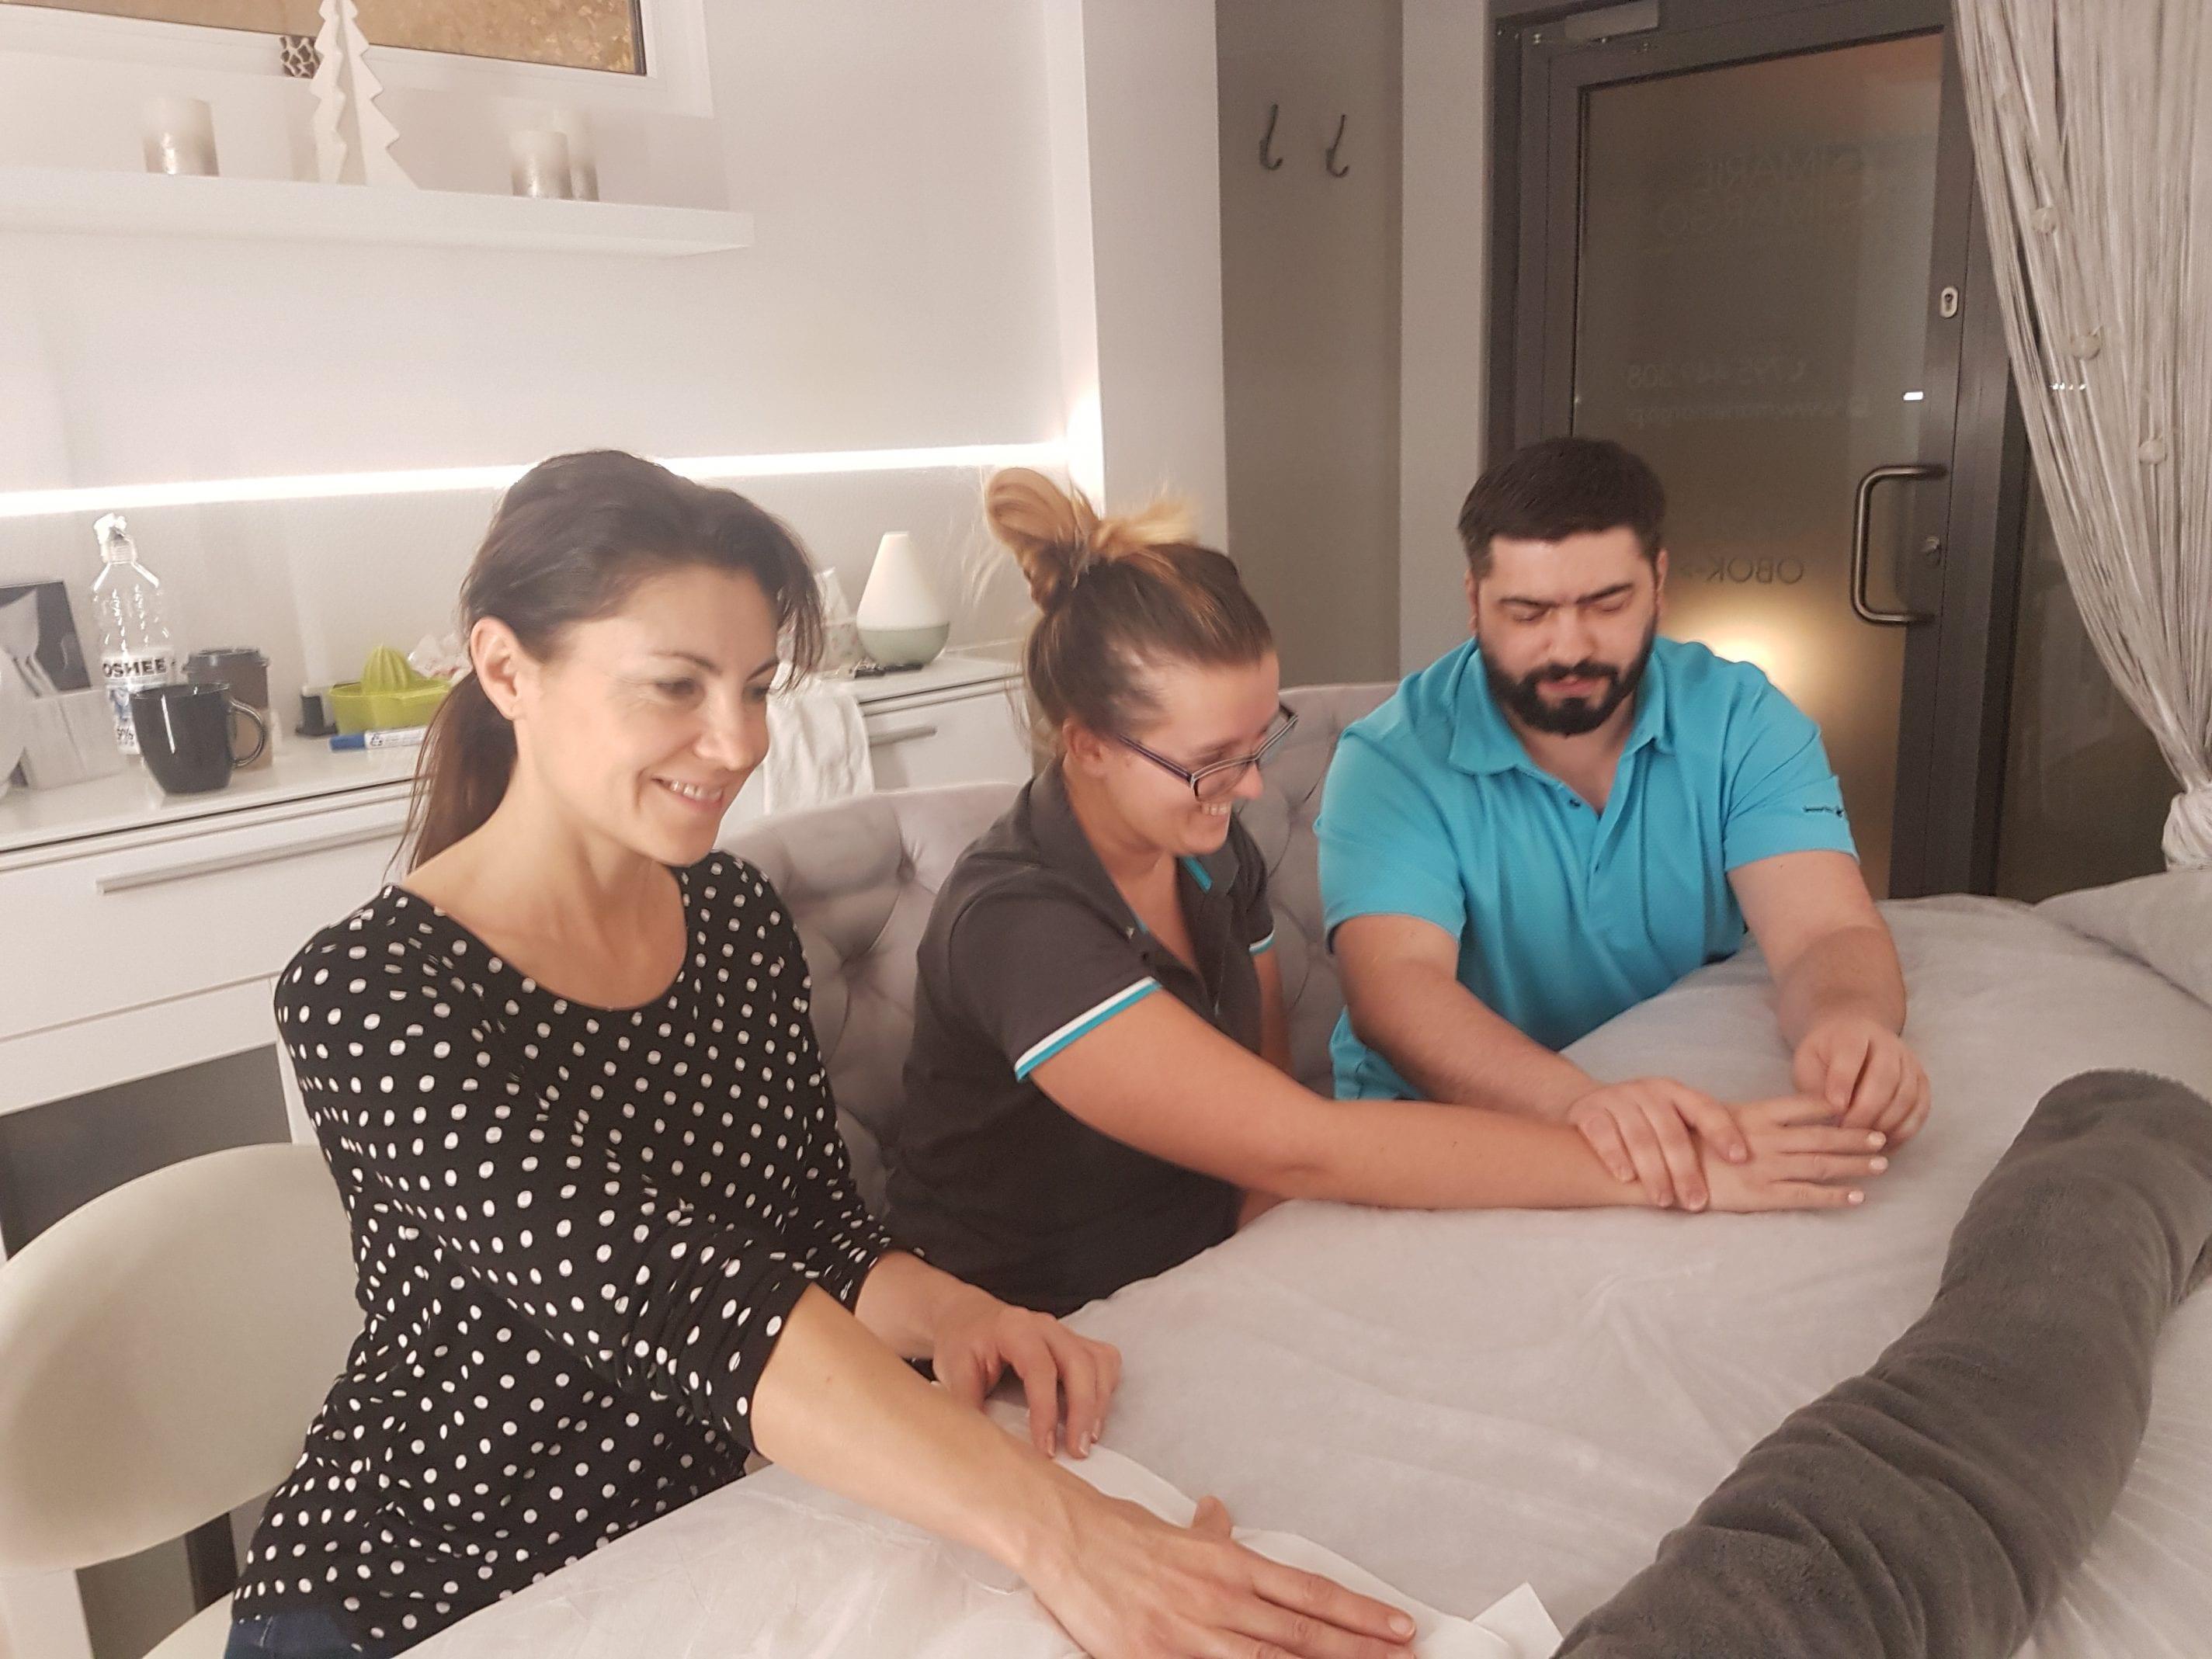 szkolenie z mioplastyki